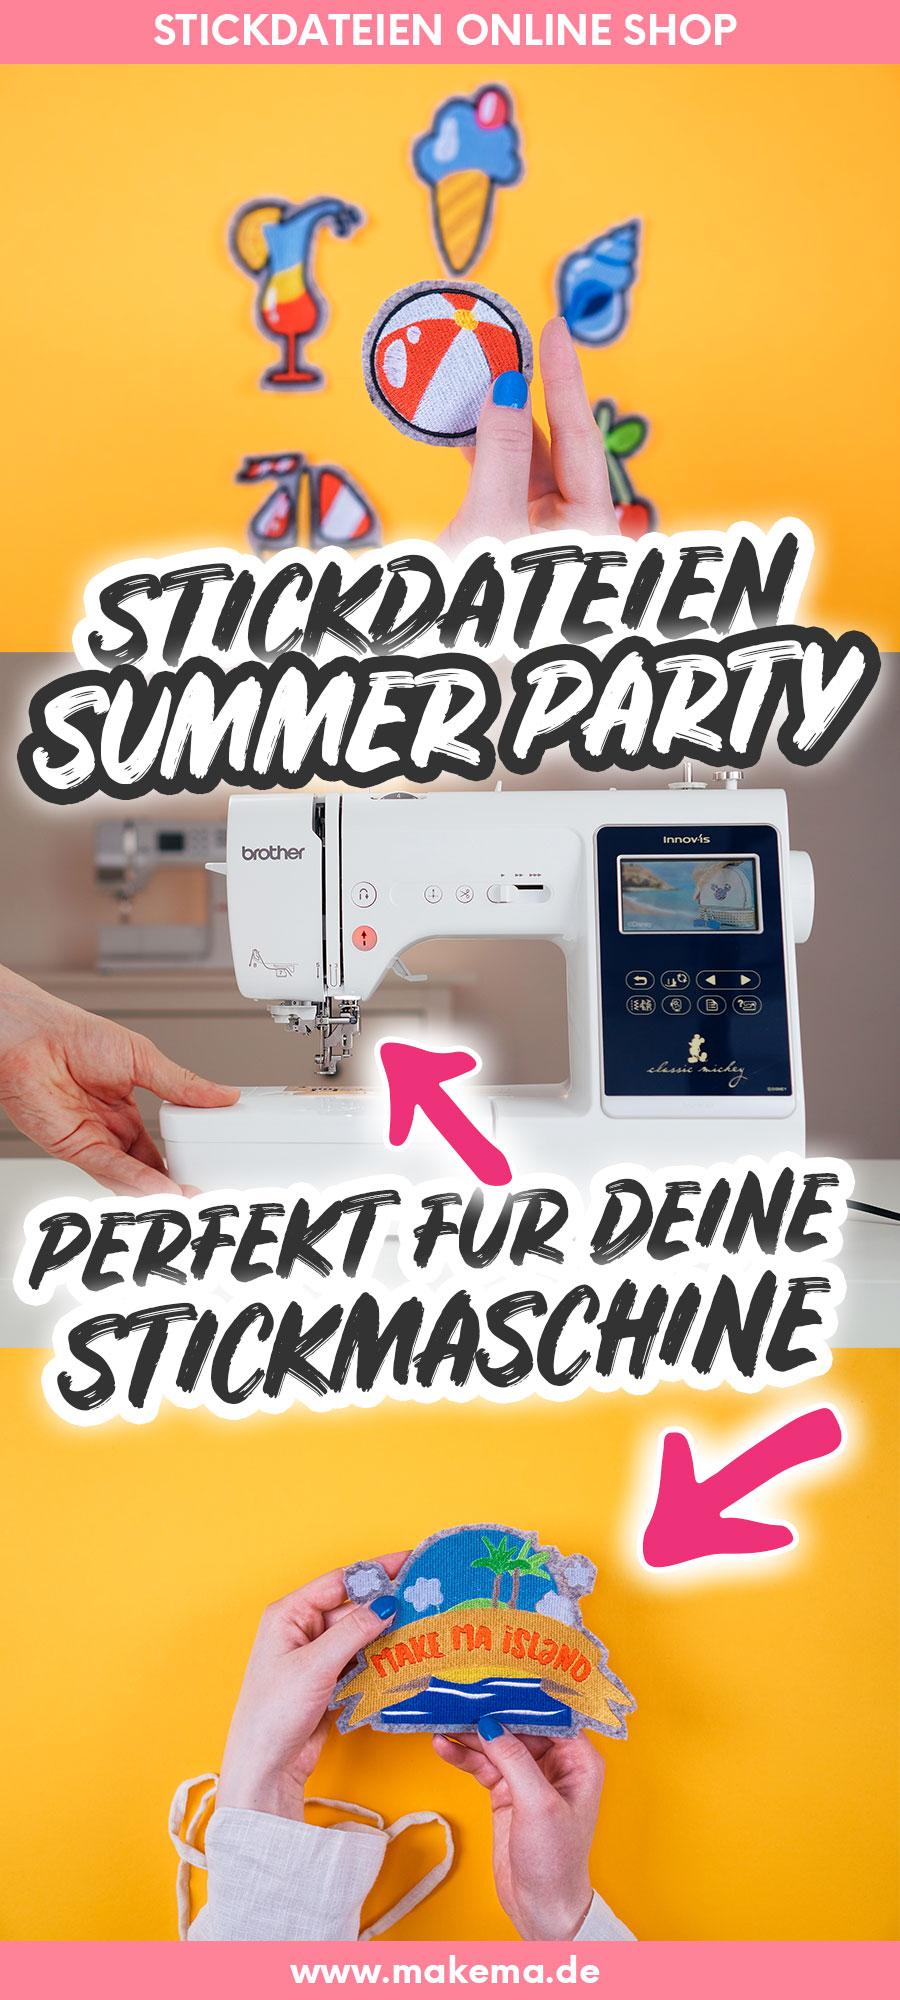 Stickdateien Sommer für Brother, Bernina, Singer, Pfaff, W6